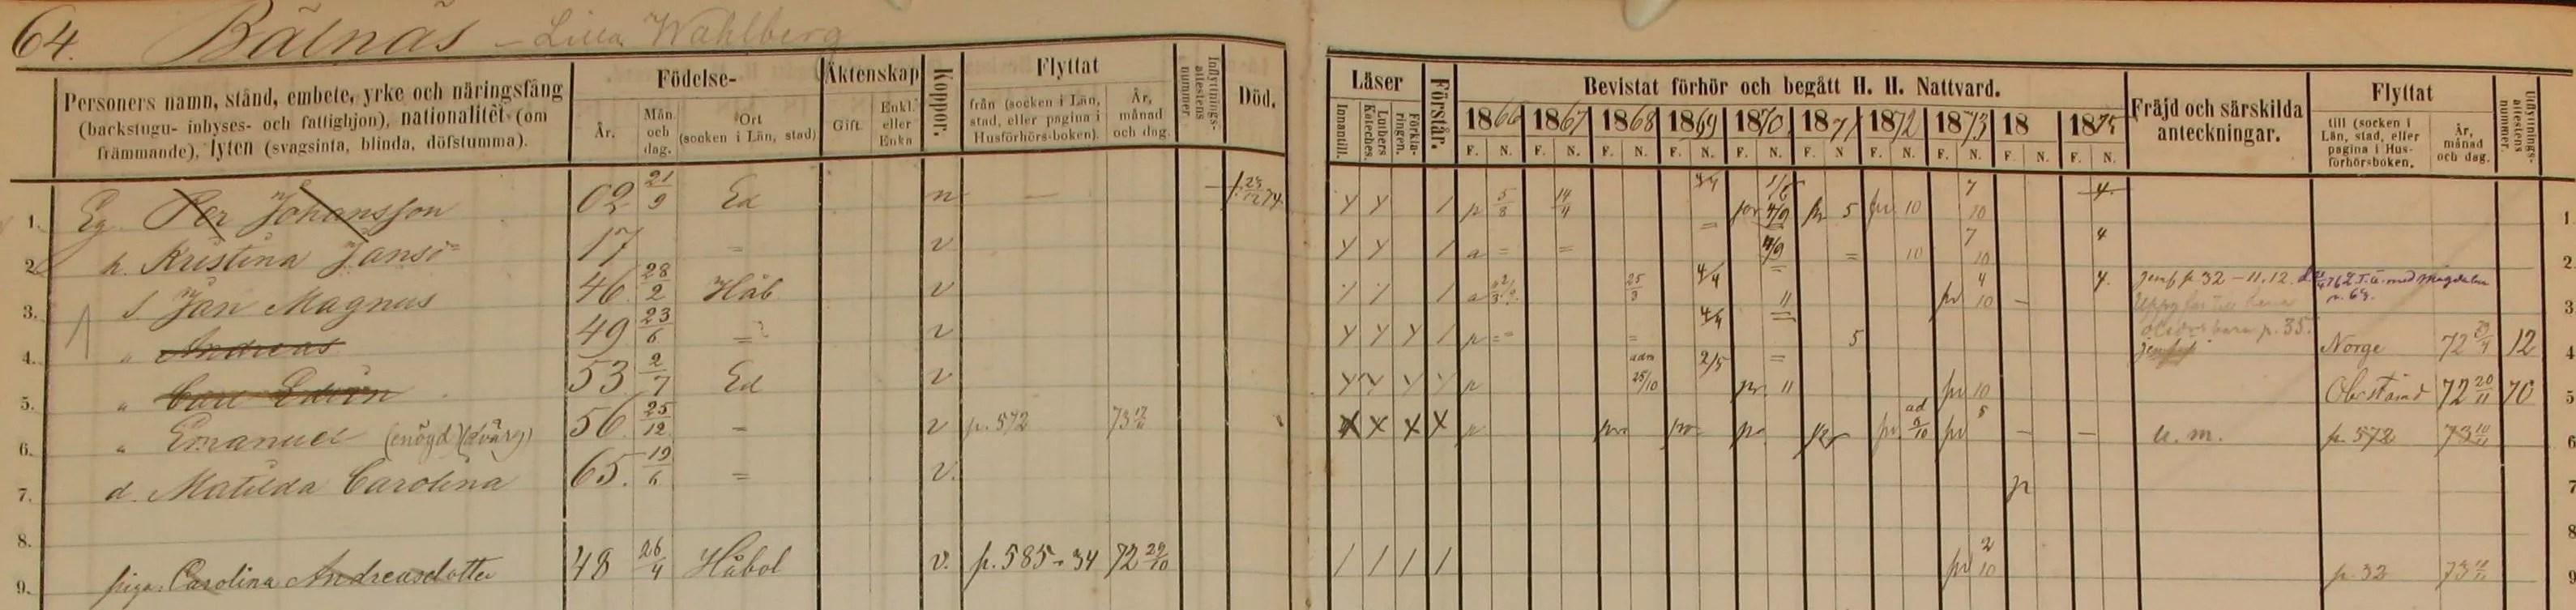 Household examination (husförhörslängd) listing for Per Johansson (1866-1875)